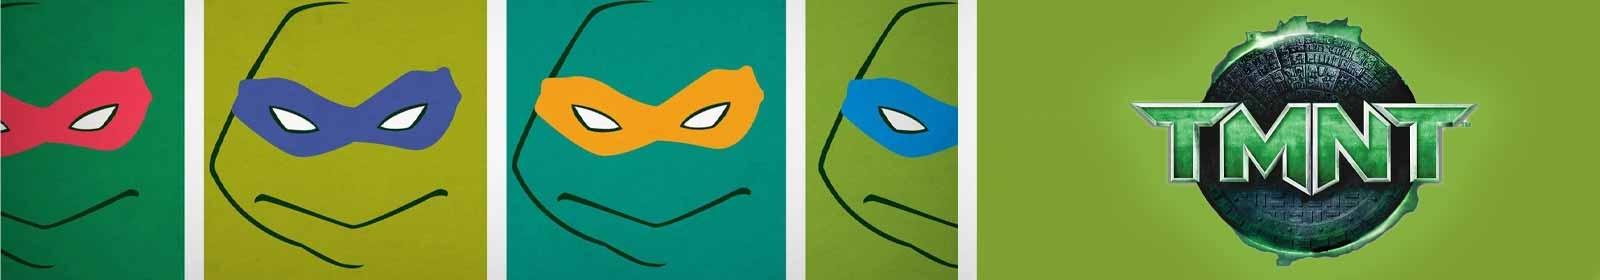 comprar Tortugas Ninja Online al mejor precio